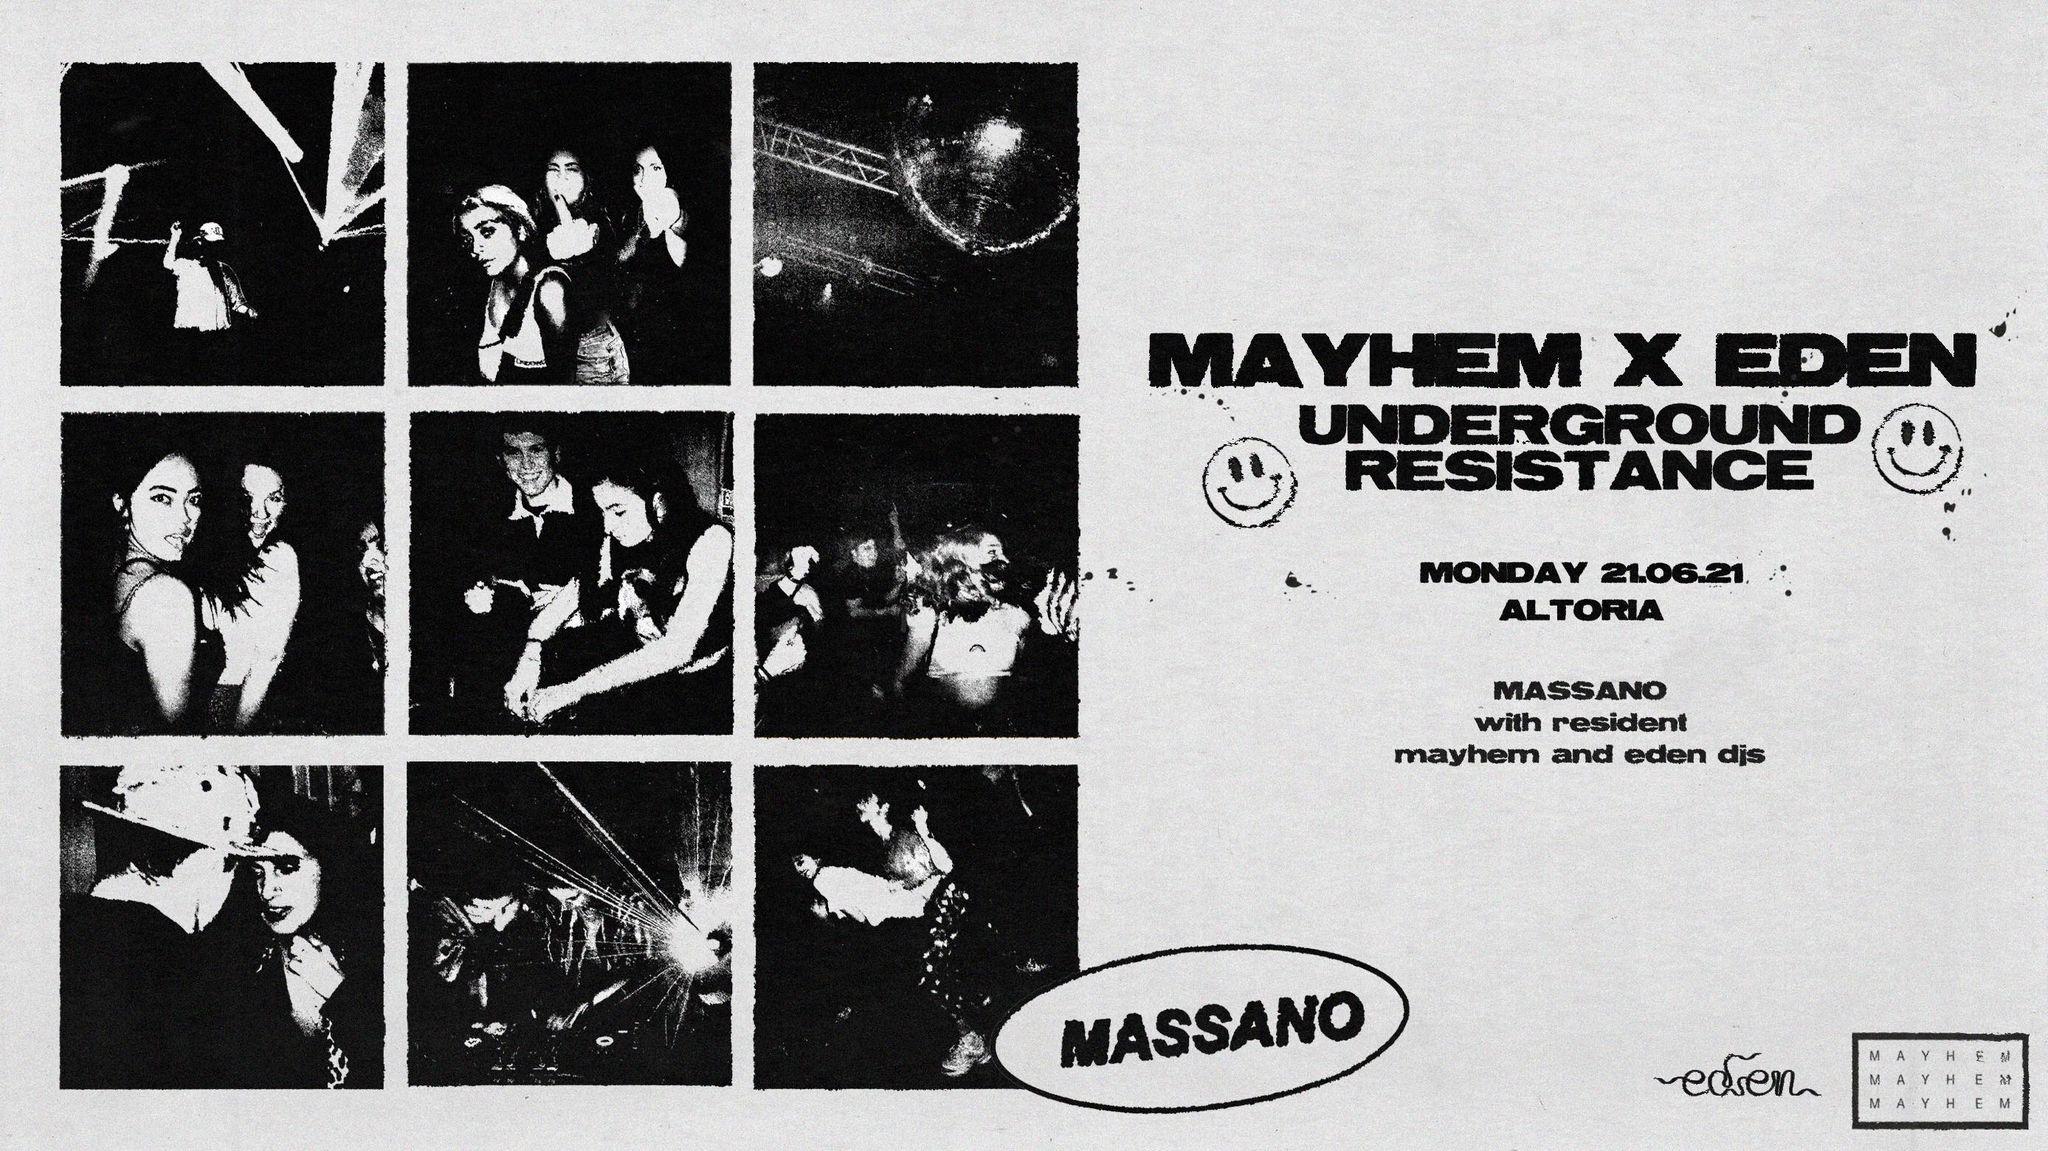 MAYHEM X EDEN - Underground Resistance w/Massano